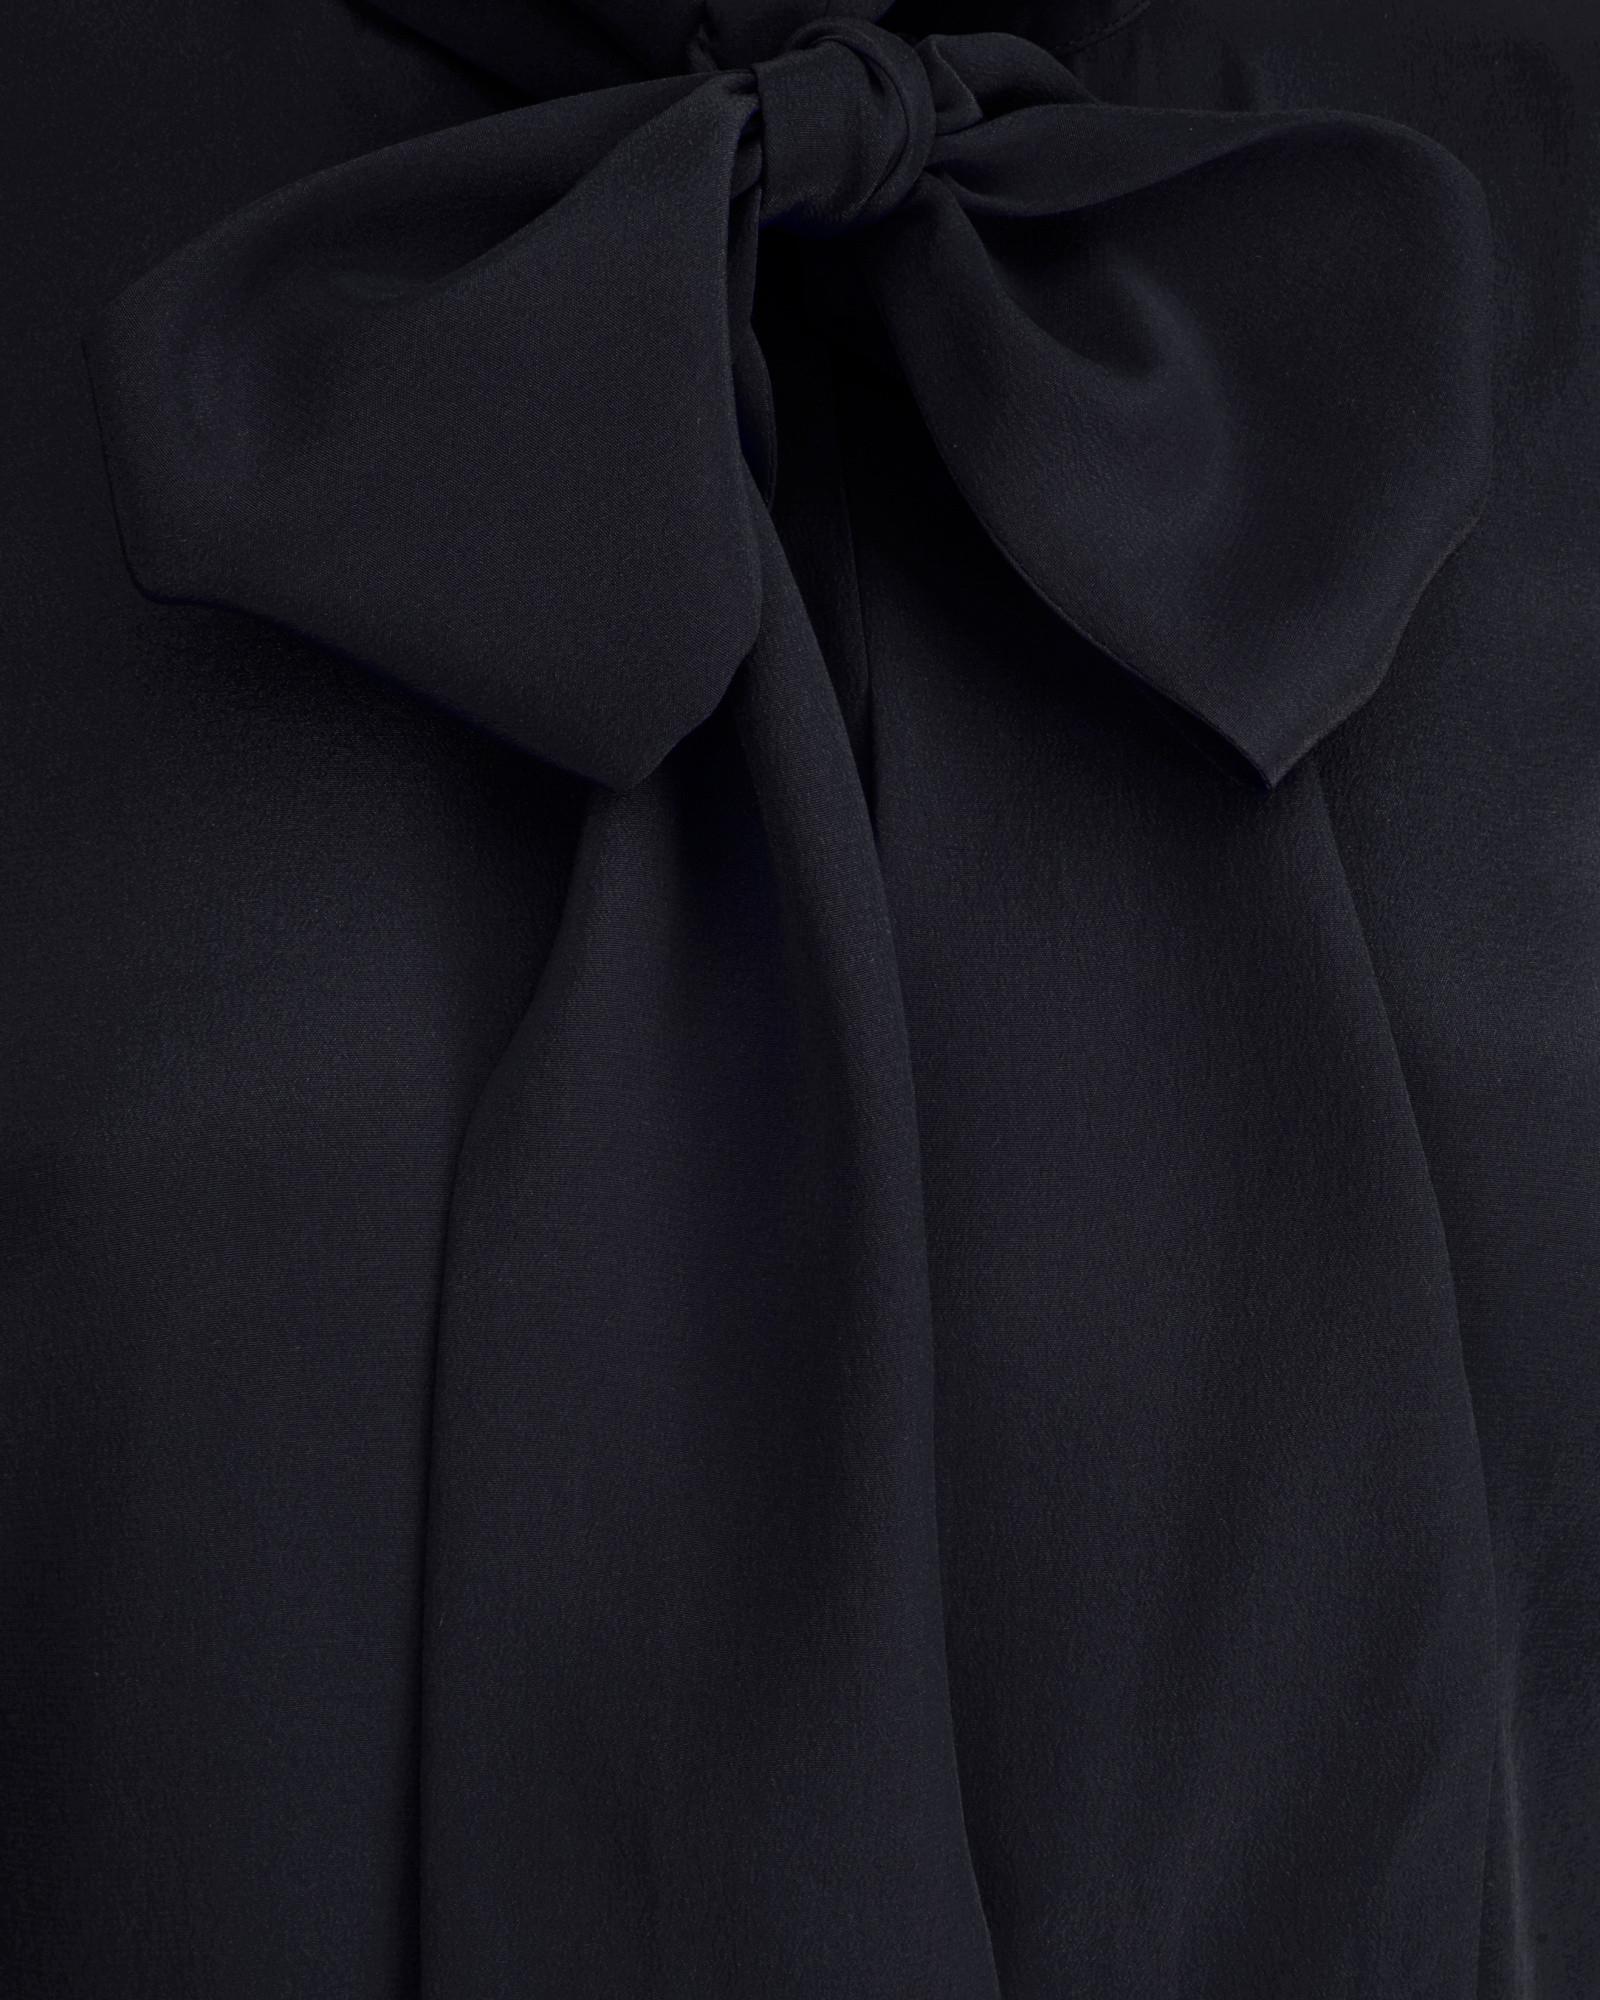 d96c7556b48 Ted Baker Yanka Silk Pussy-Bow Dress in Blue - Lyst